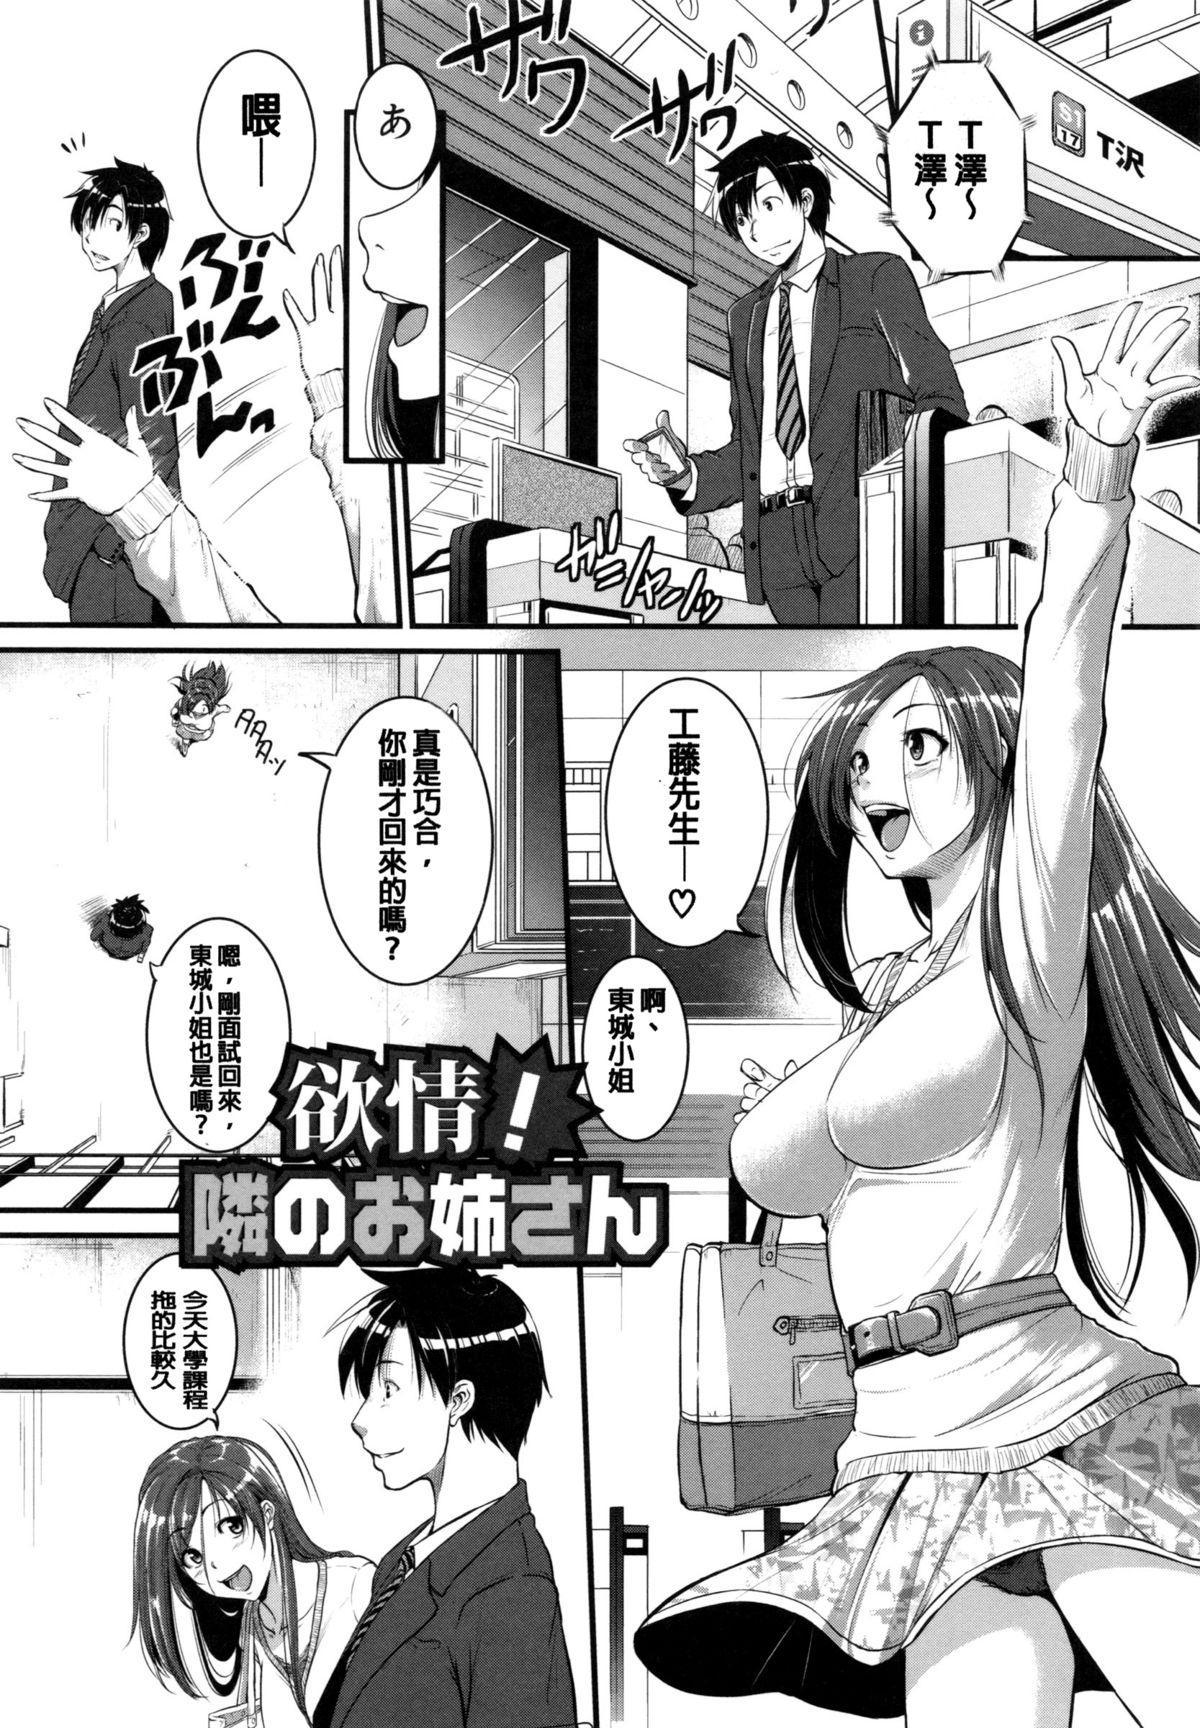 Aibenki Tonari no Dosukebe Onee-san 18